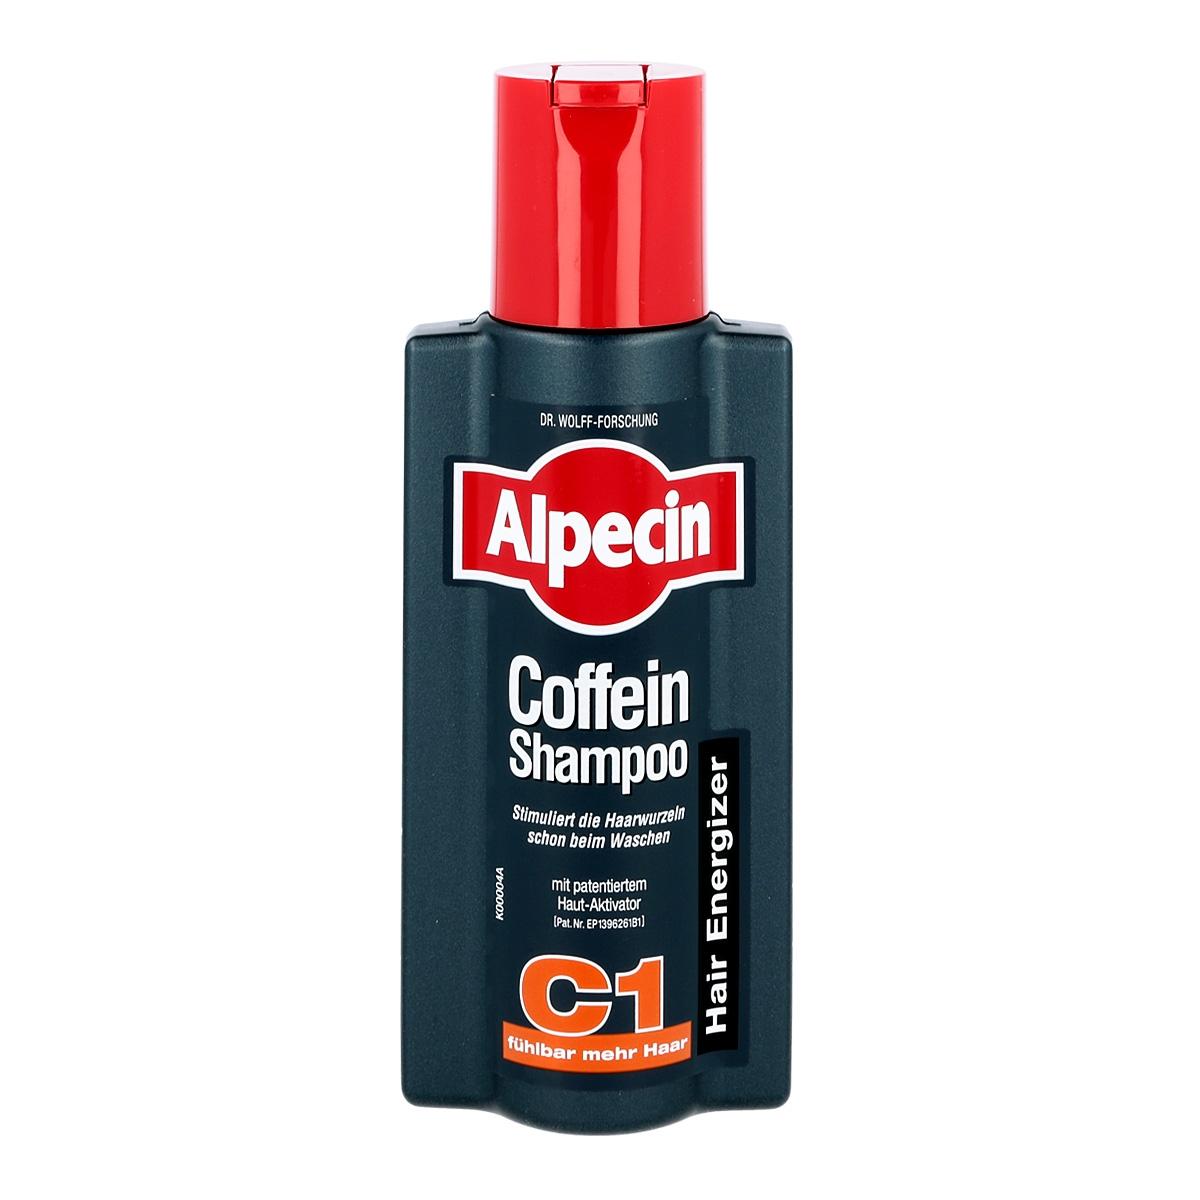 Image of Alpecin energizer c1 szampon z kofeiną dla mężczyzn